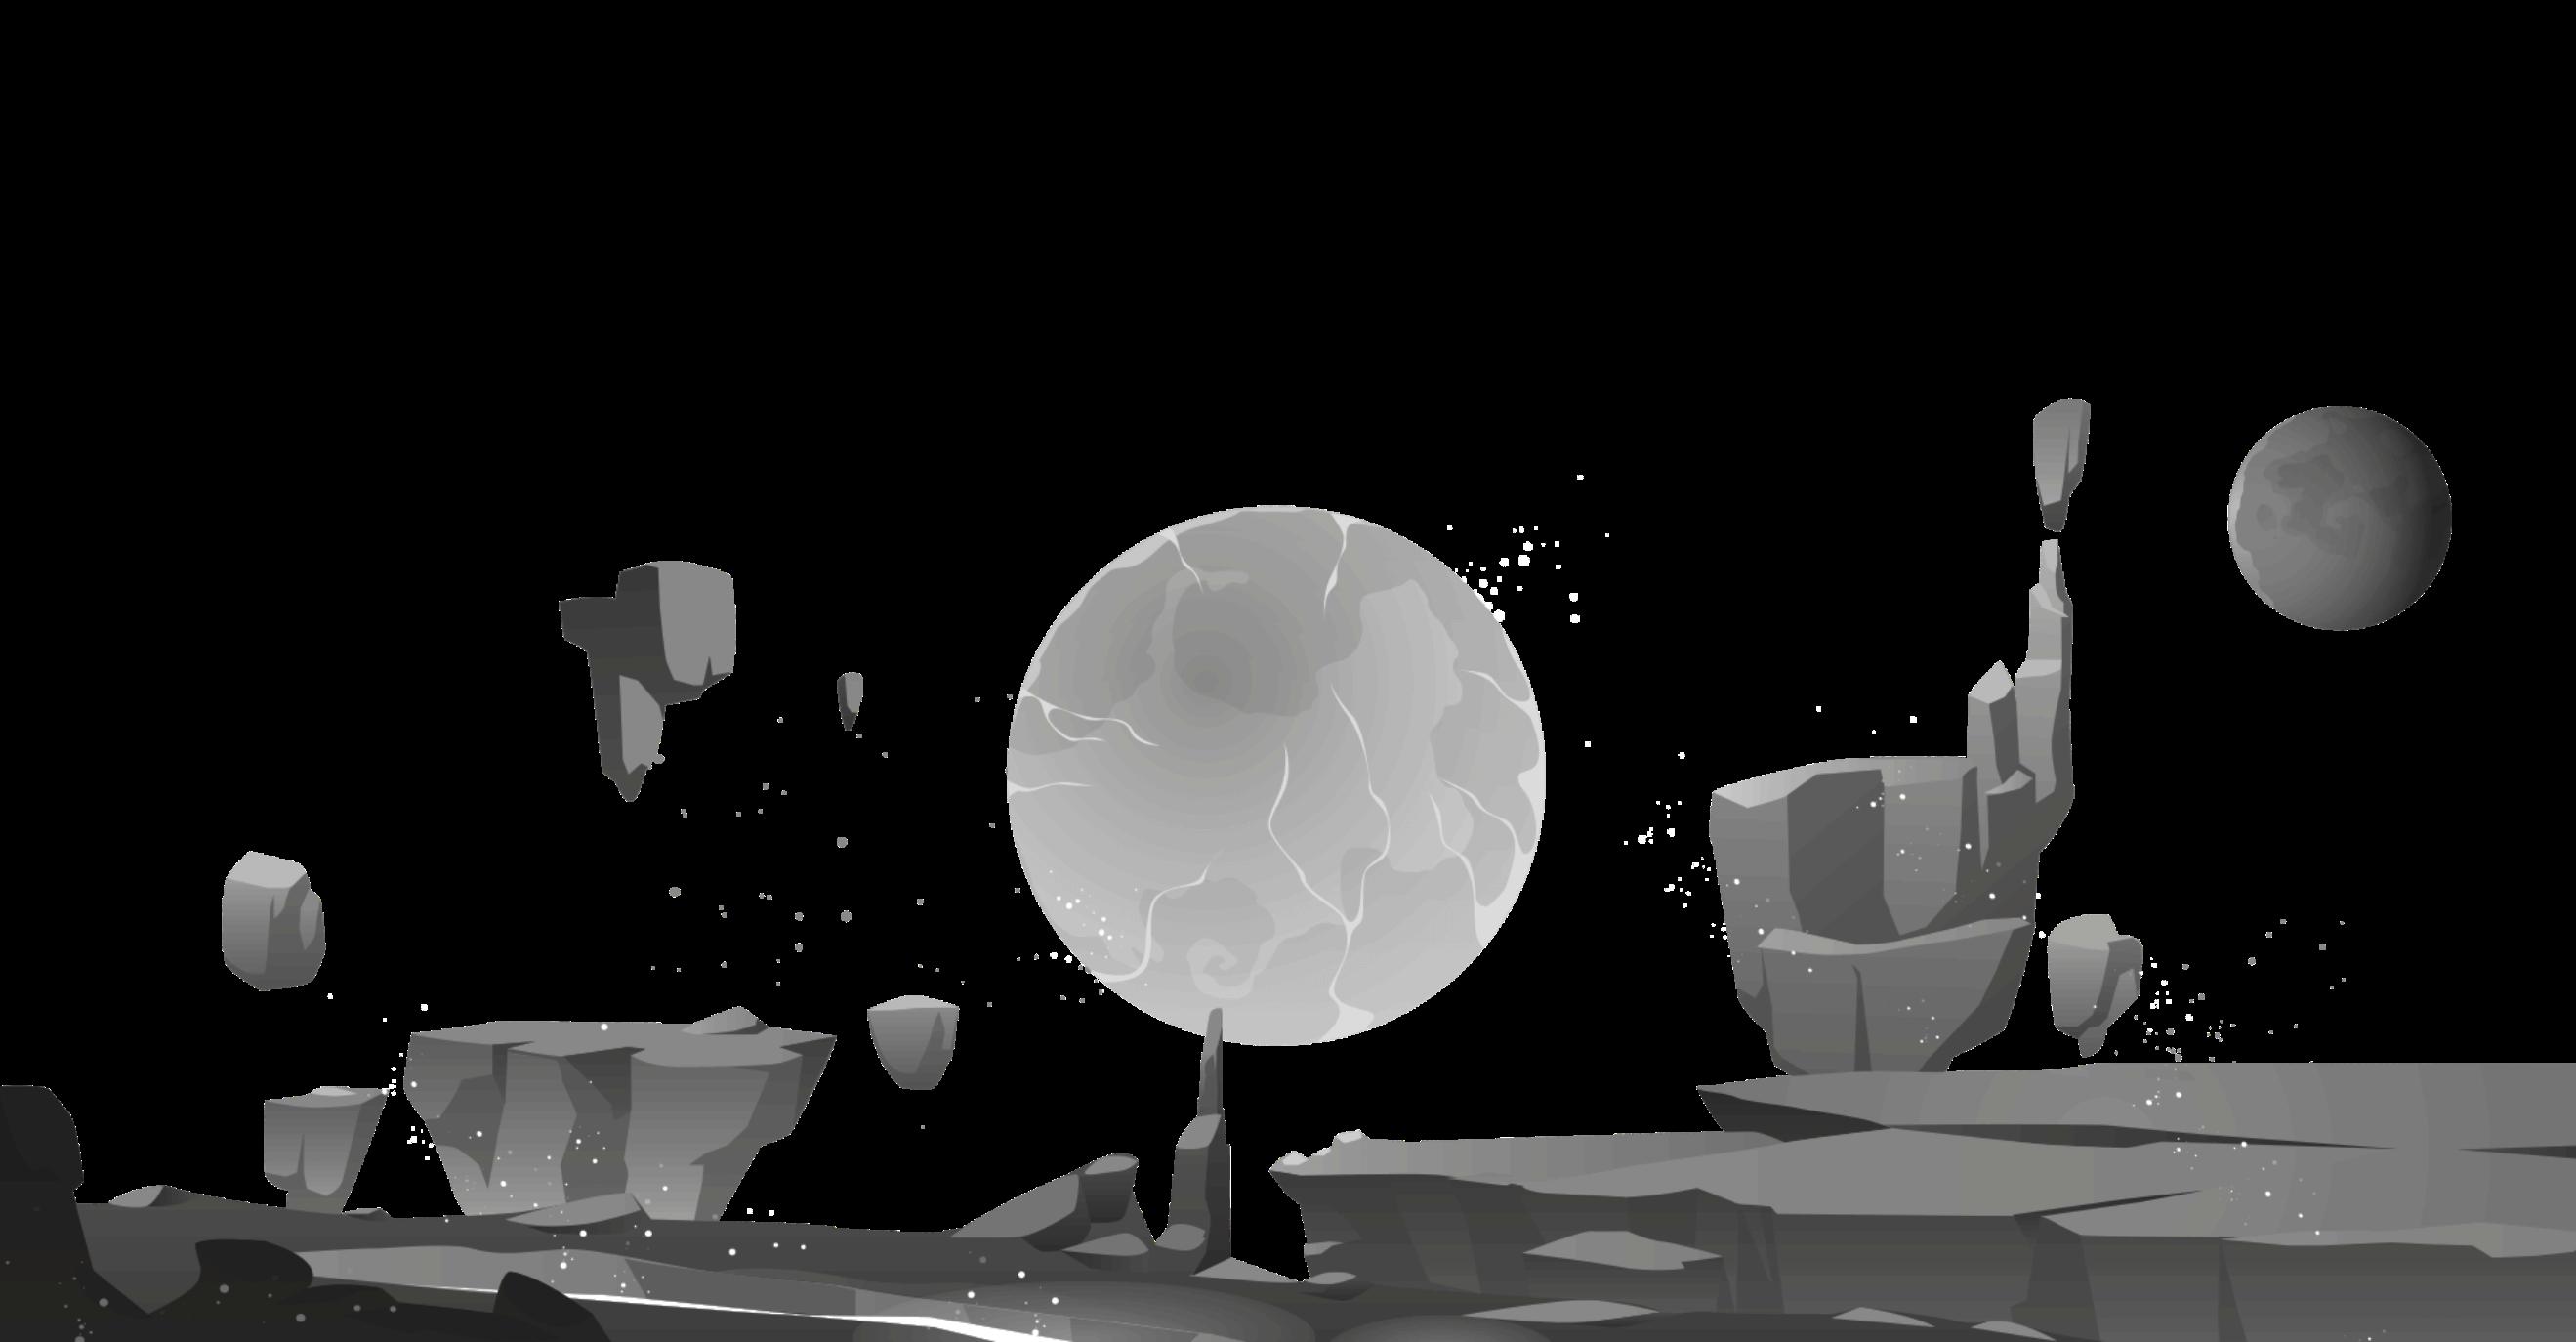 SpaceBackground3